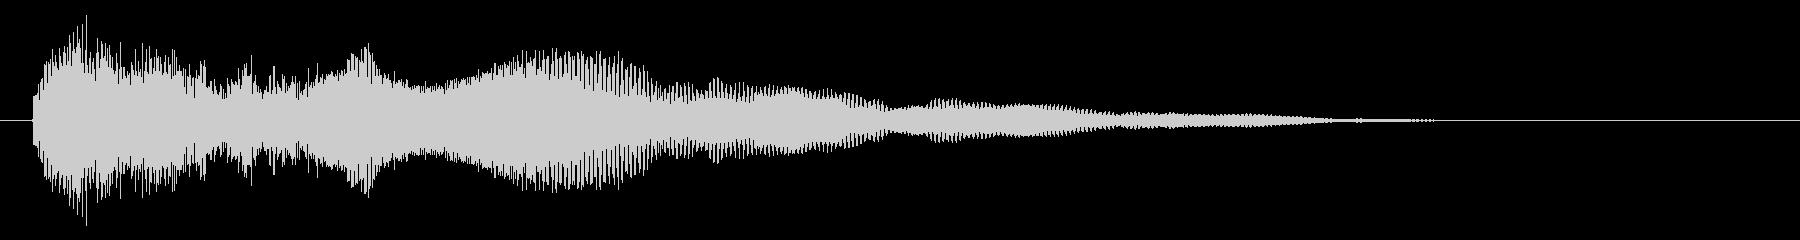 ロングテールのメタリックインパクトトーンの未再生の波形